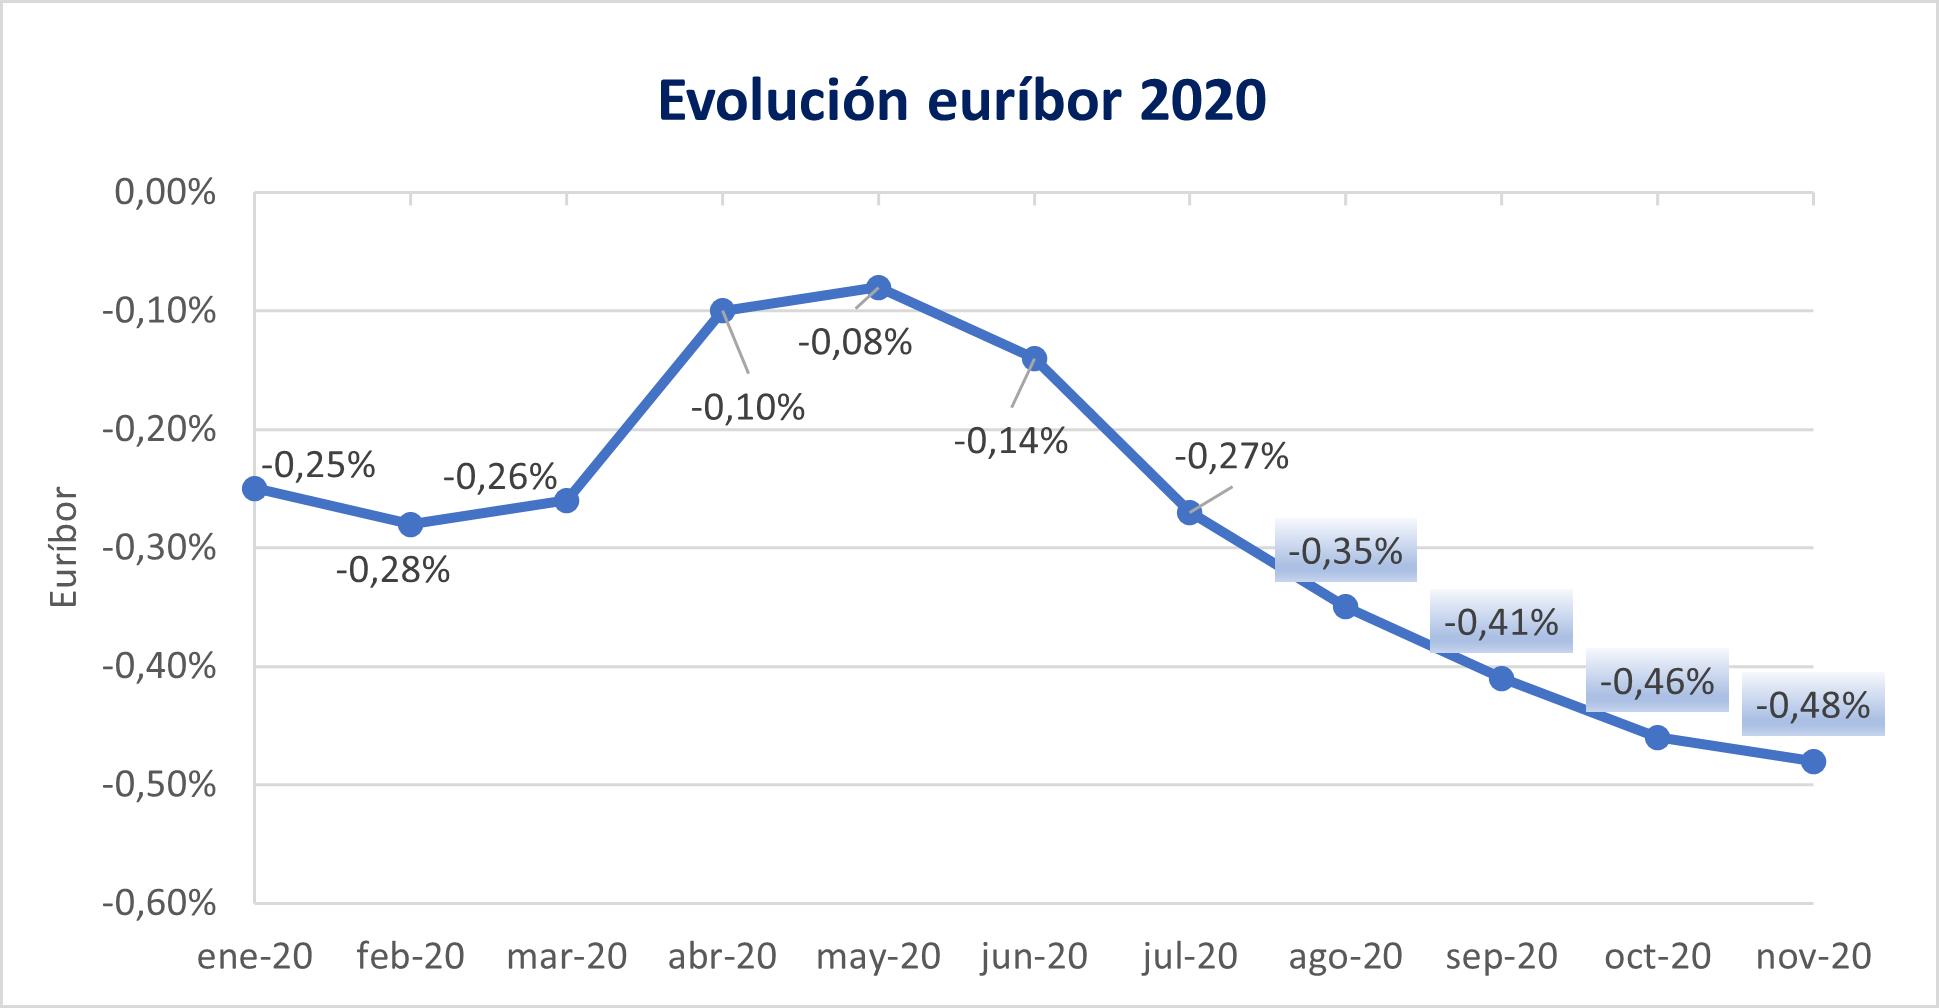 Evolución del euríbor en 2020. Noticias de seguros